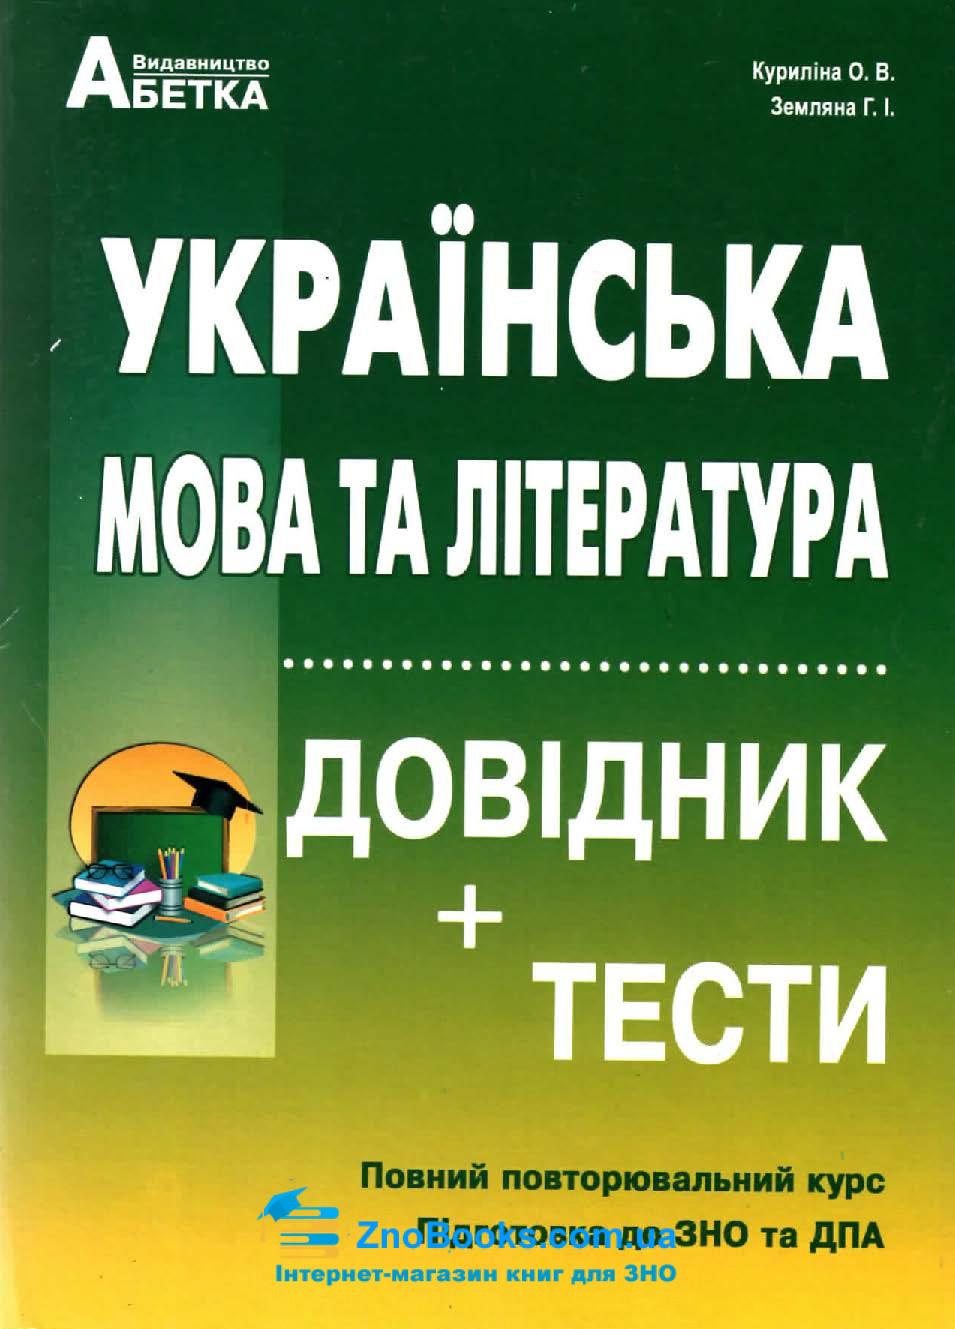 Українська мова та література ЗНО 2020. Довідник + тести. Повний повторювальний курс. Авт: Куриліна О. Вид-во: Абетка. купити 0